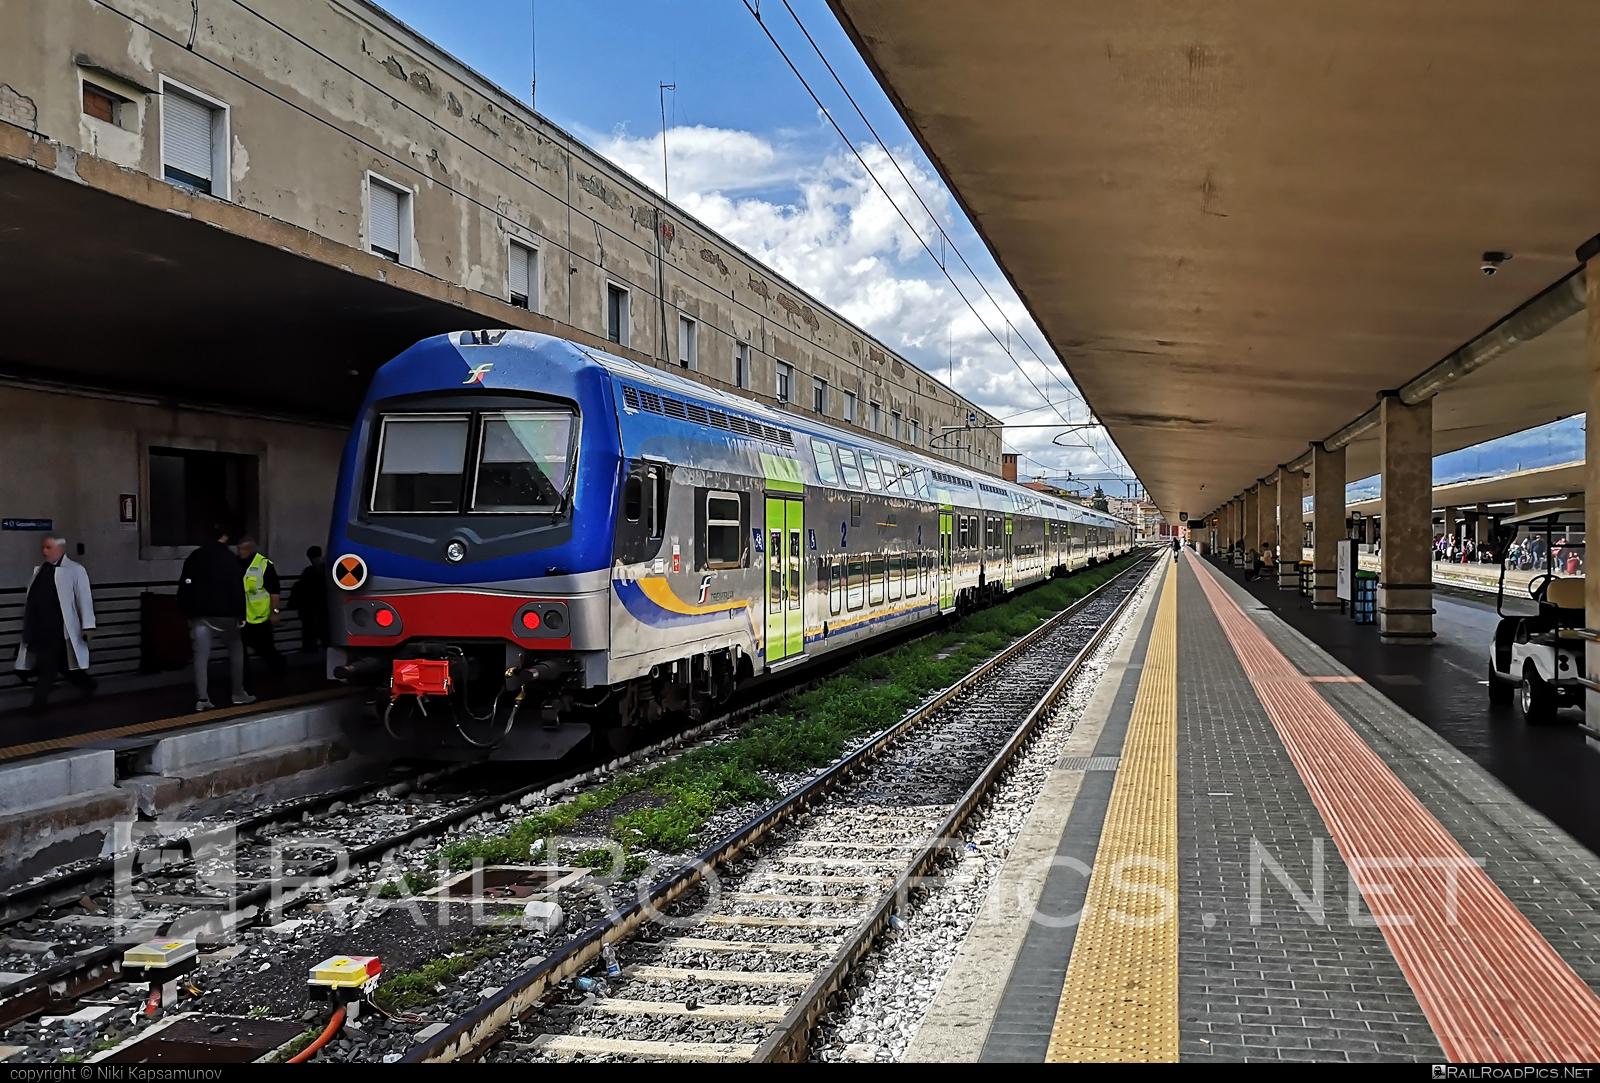 Class B - npBH 26-78 semi-pilot (Vivalto) - 26-78 957-7 operated by Trenitalia S.p.A. #ferroviedellostato #fs #fsitaliane #npbh #trenitalia #trenitaliaspa #vivalto